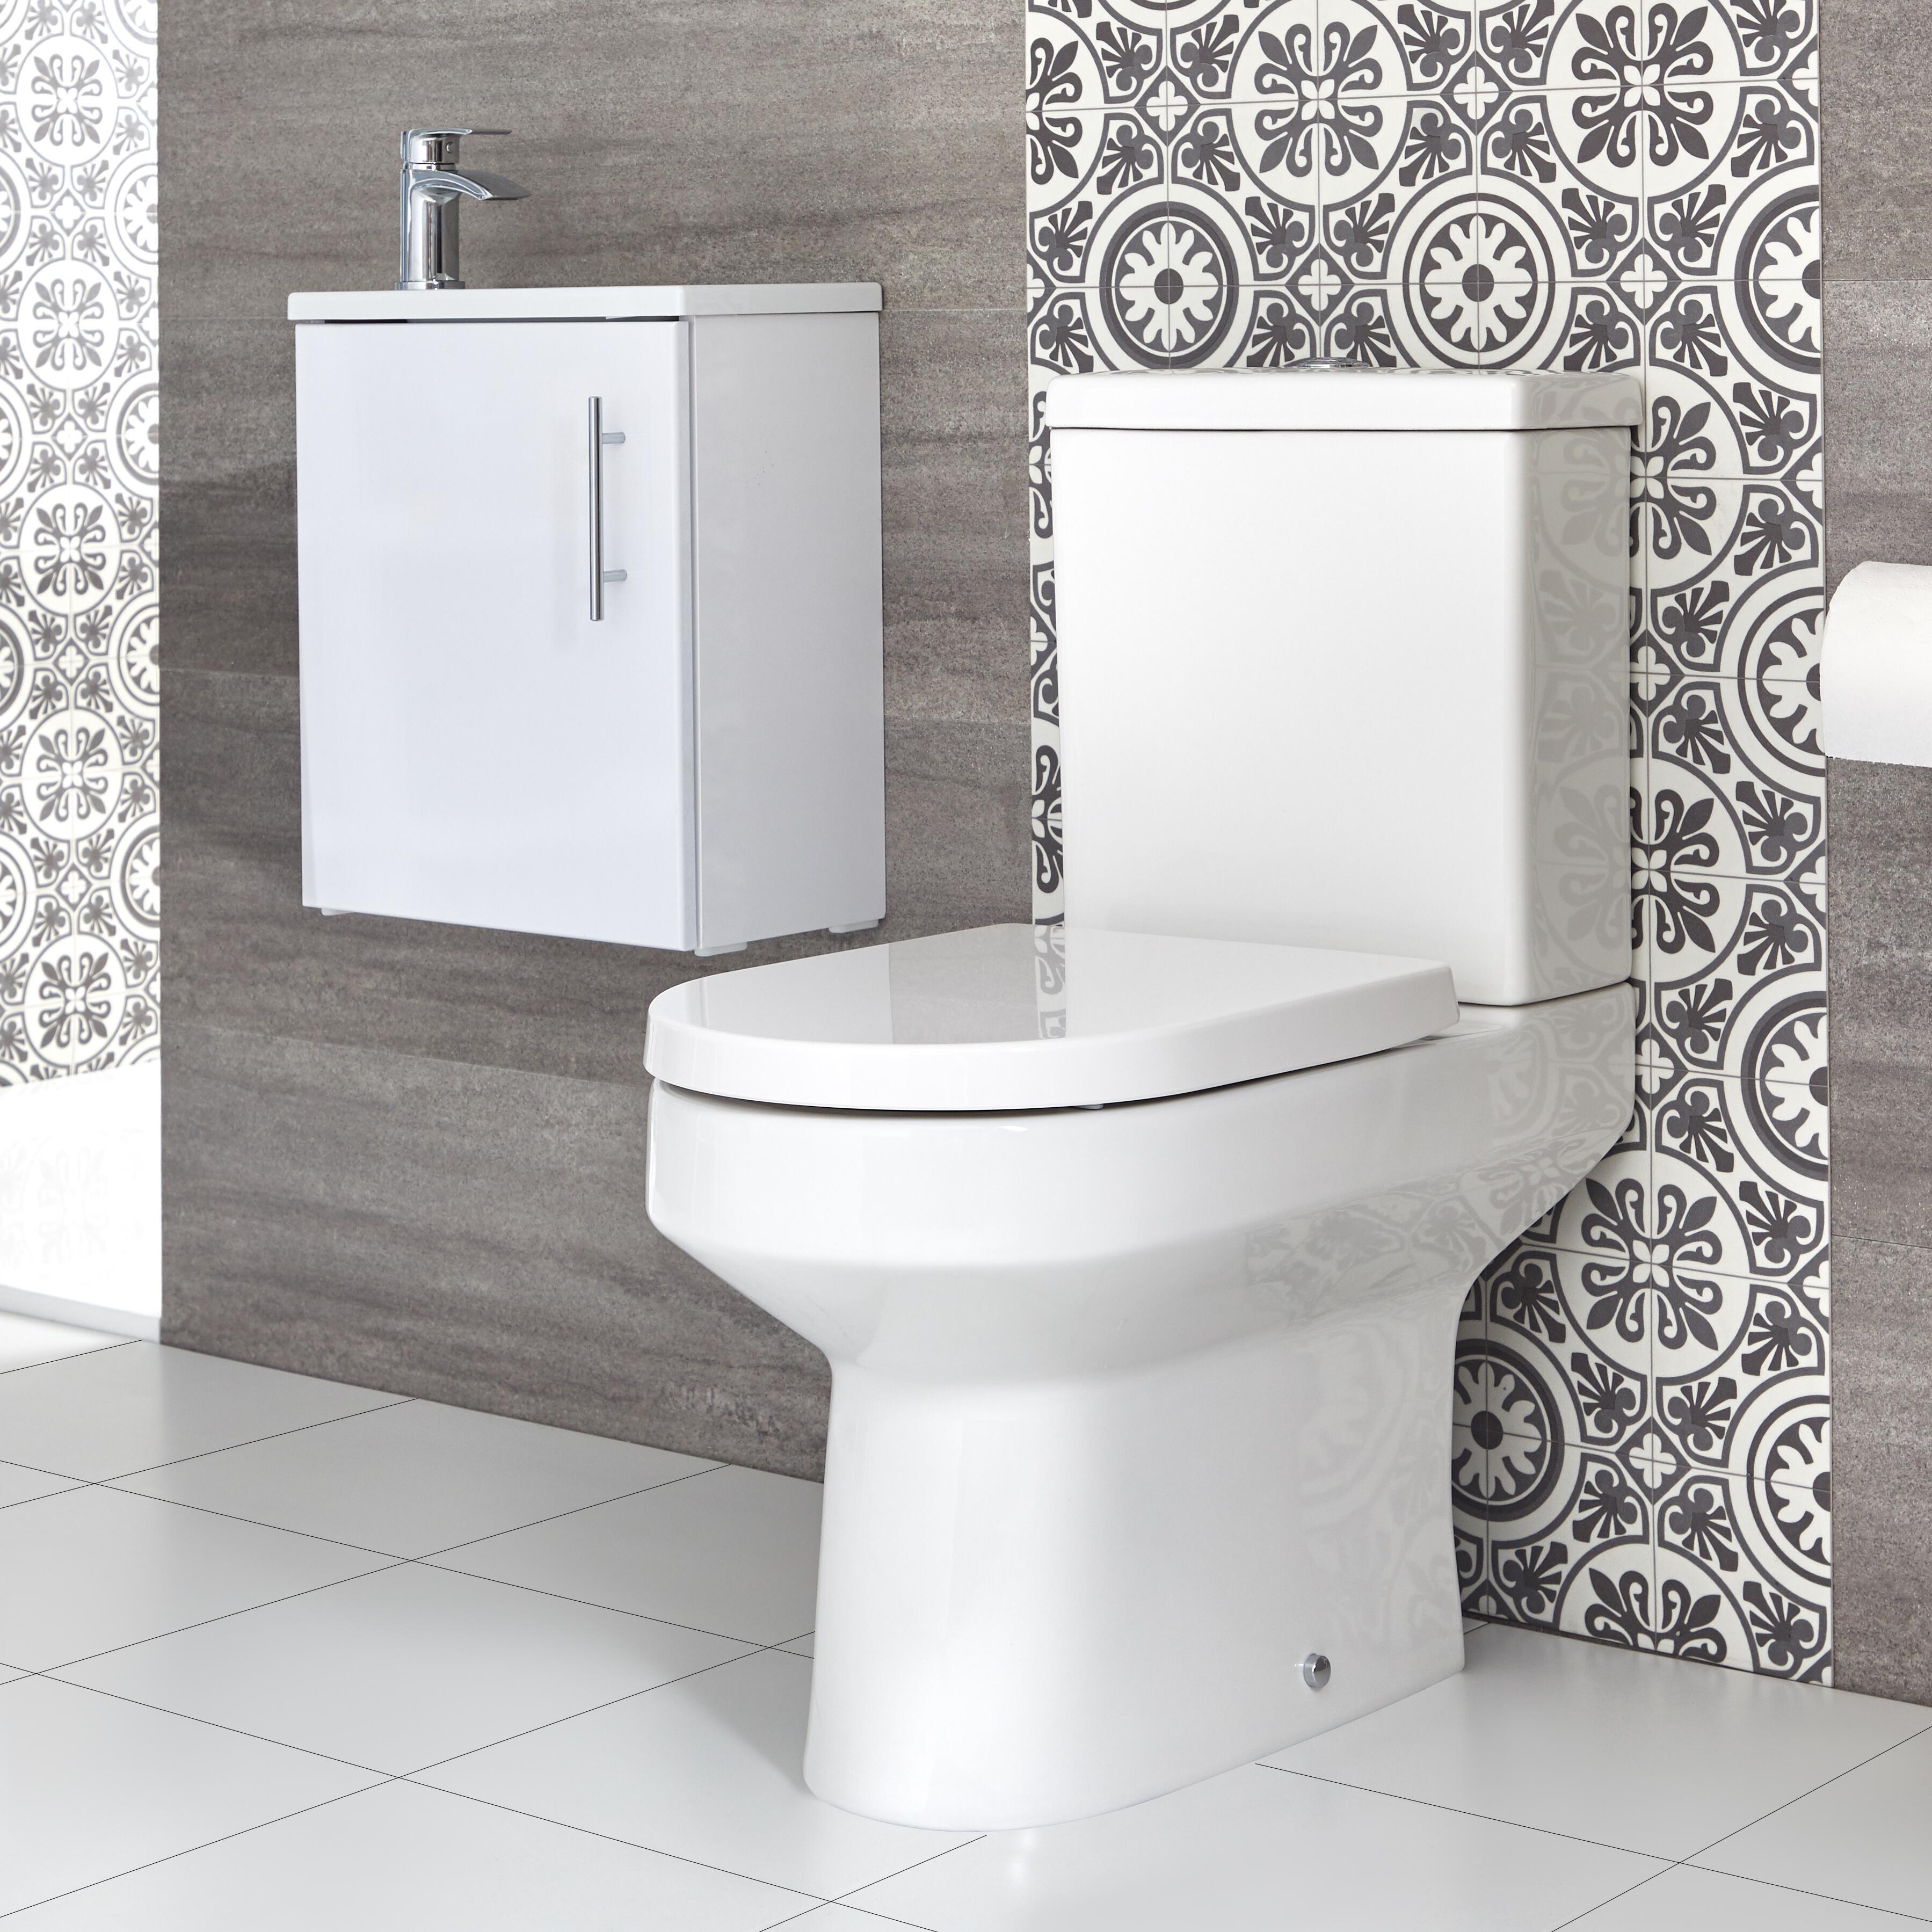 Conjunto de Baño Covelly Completo con Mueble de Lavabo Suspendido de 400mm con Lavabo Compacto e Inodoro Monobloque - Selección de Acabados